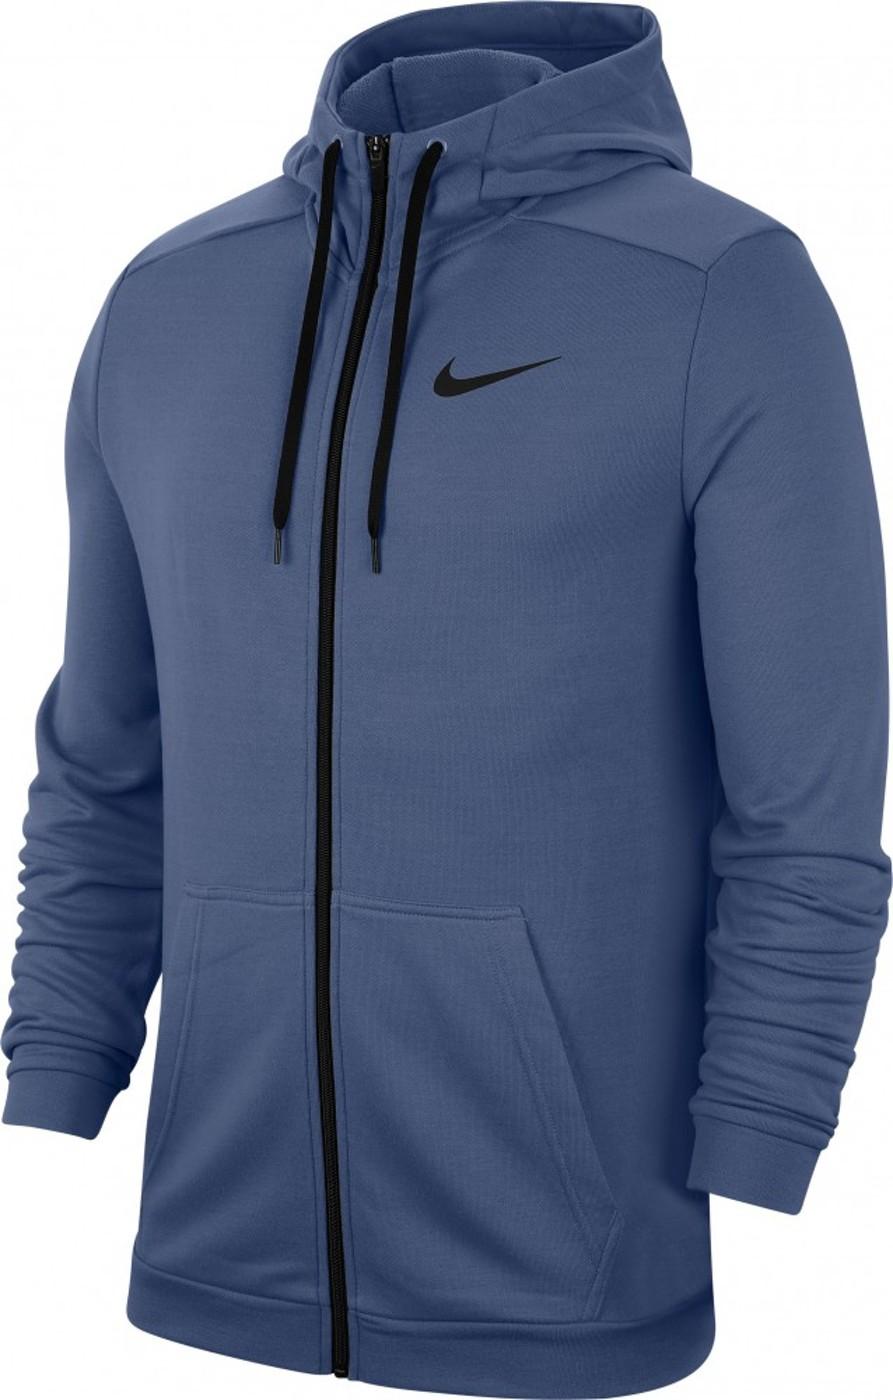 Nike Dri-FIT Full-Zip Tr - Herren